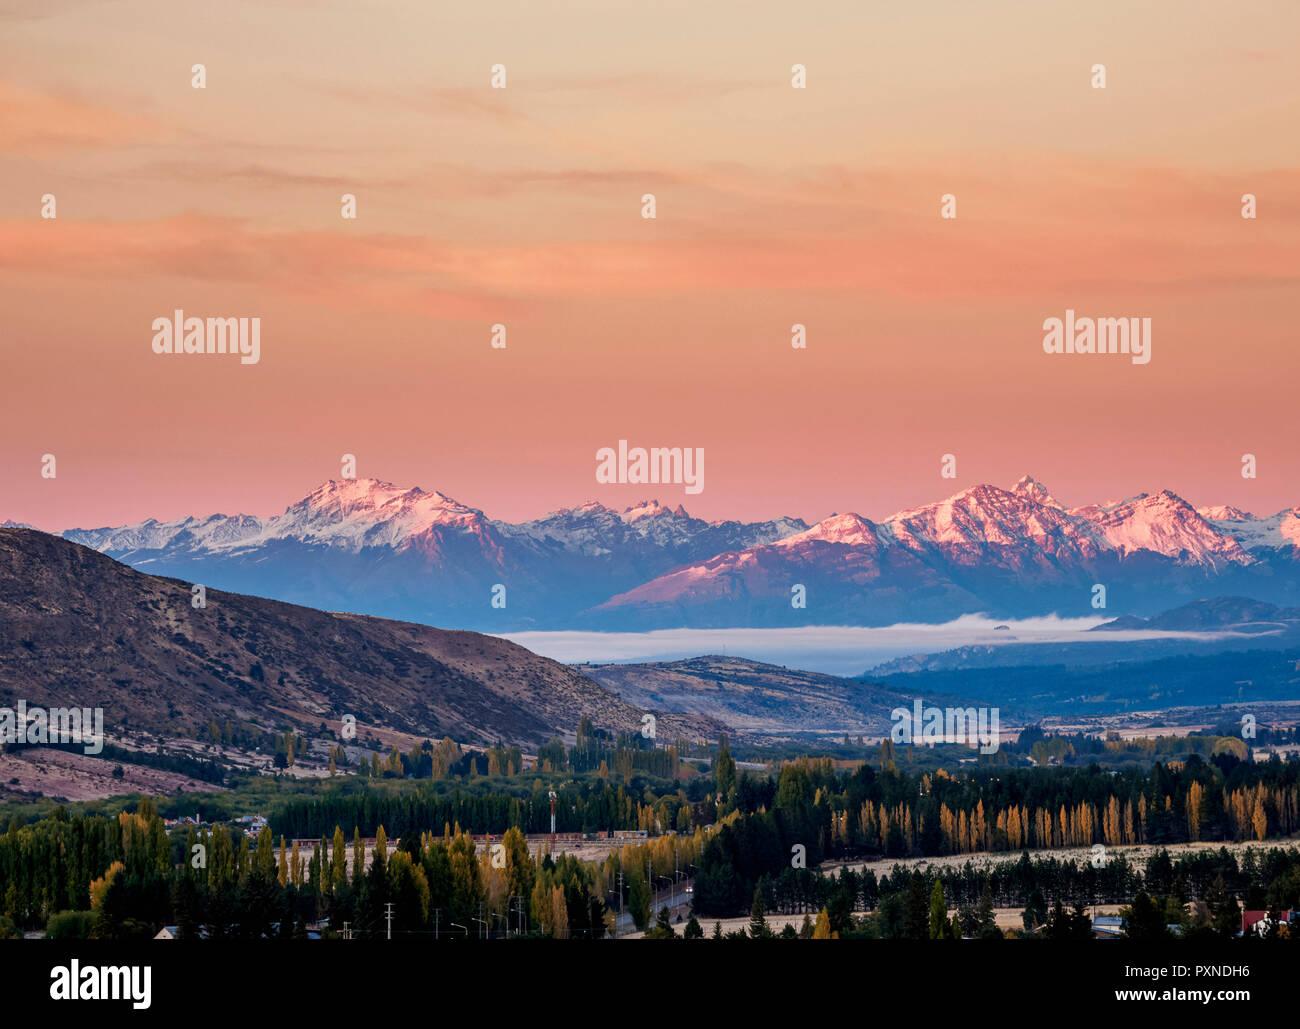 Esquel bei Sonnenaufgang, Erhöhte Ansicht, Provinz Chubut, Patagonien, Argentinien Stockbild